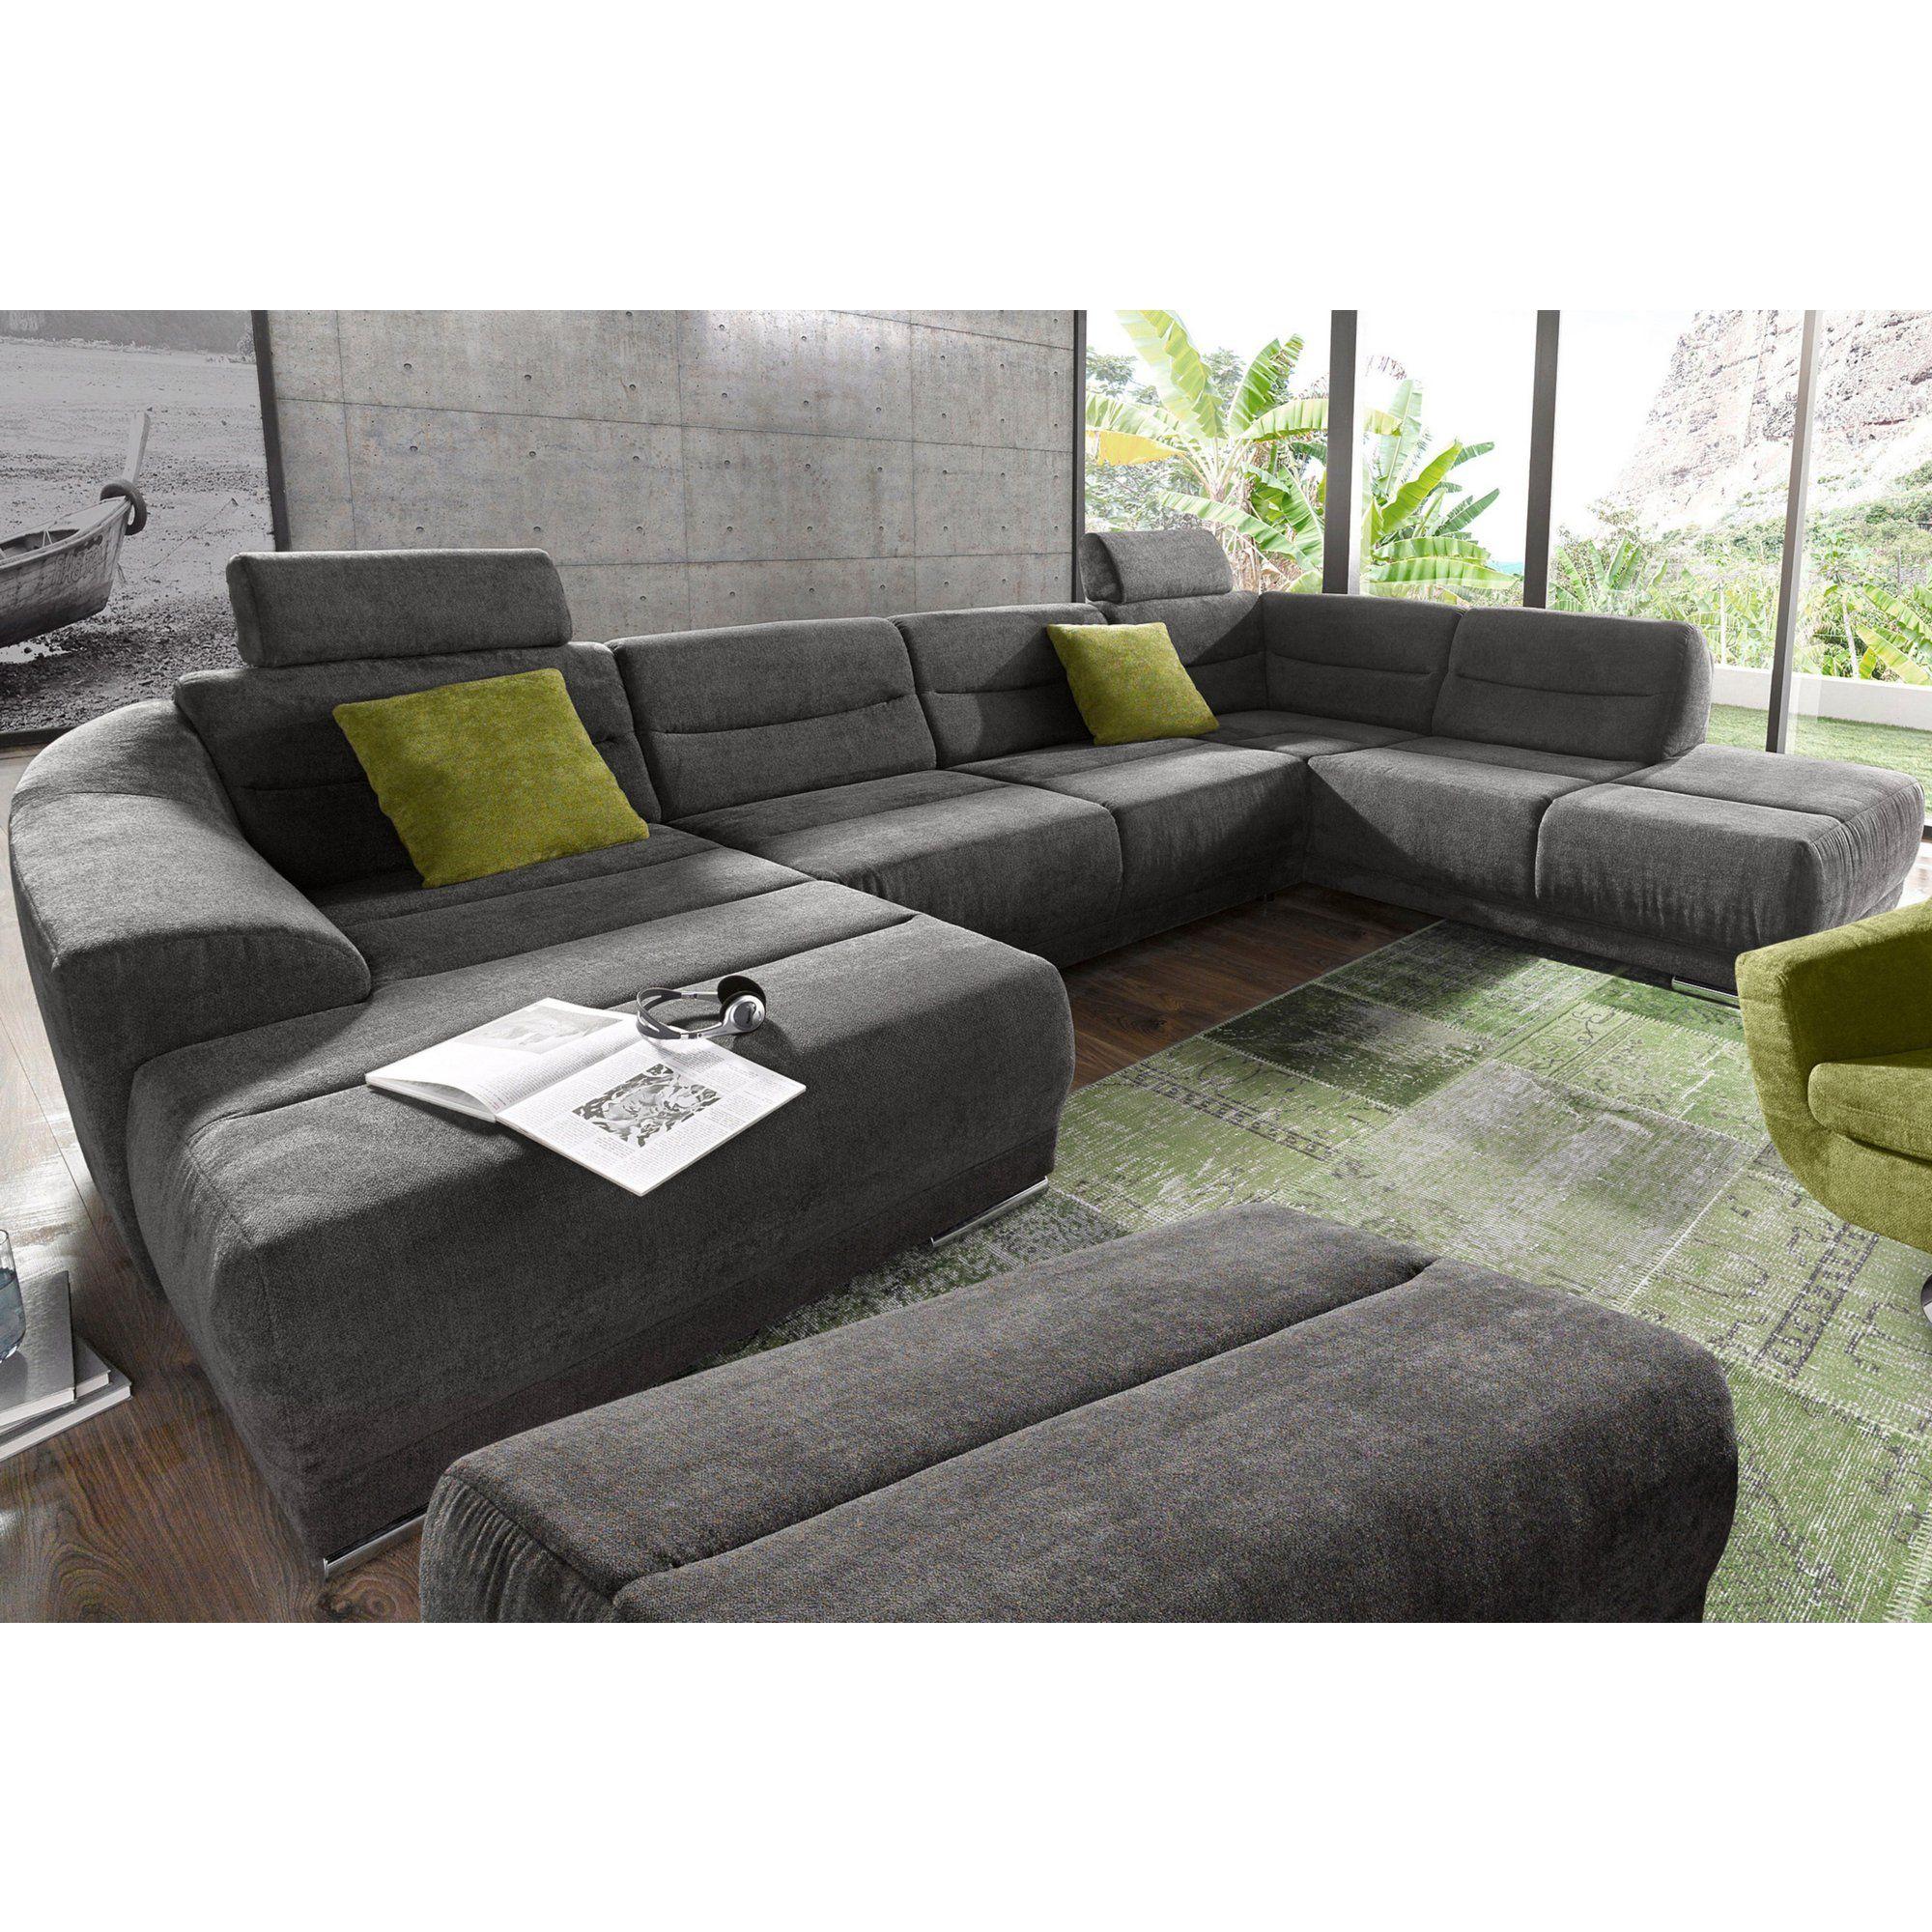 Canapé Panoramique Convertible Tissu Texturé Angle Fixe À ... concernant Grand Canape Panoramique